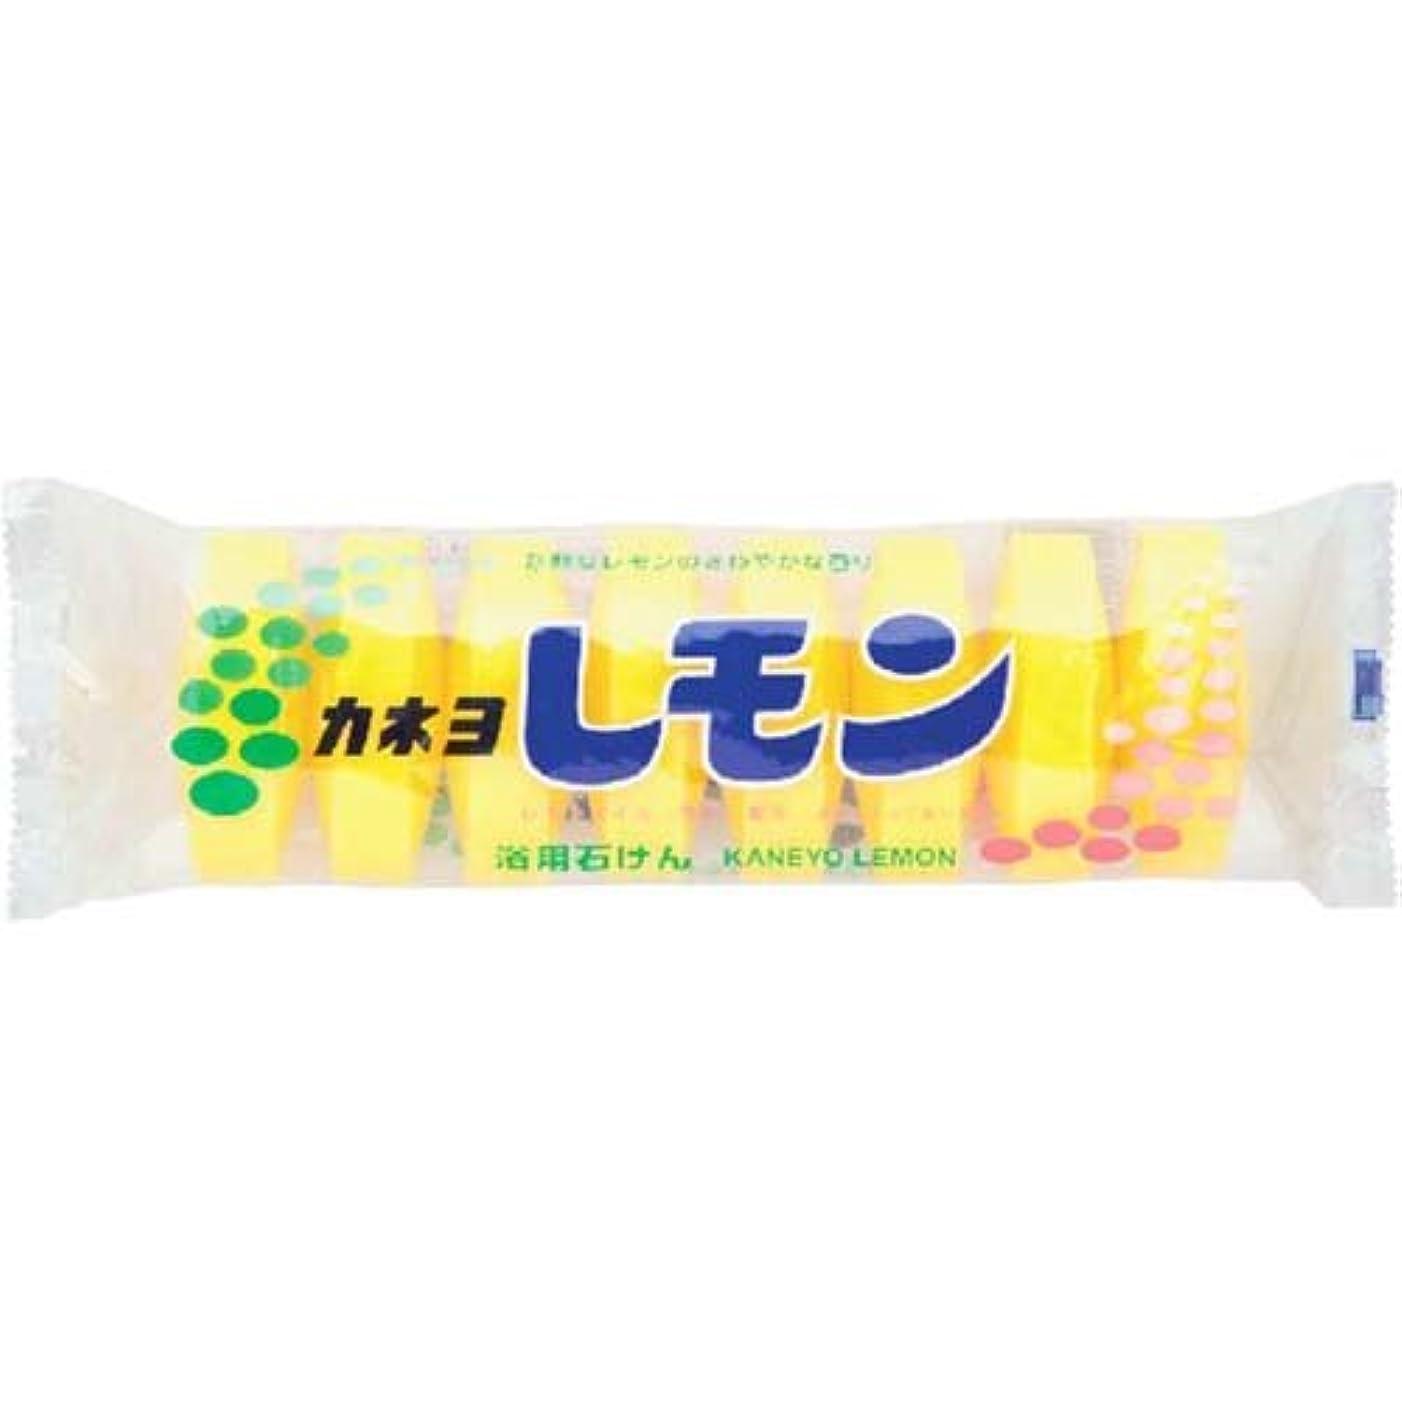 不明瞭イディオム購入カネヨ レモン石鹸 8個